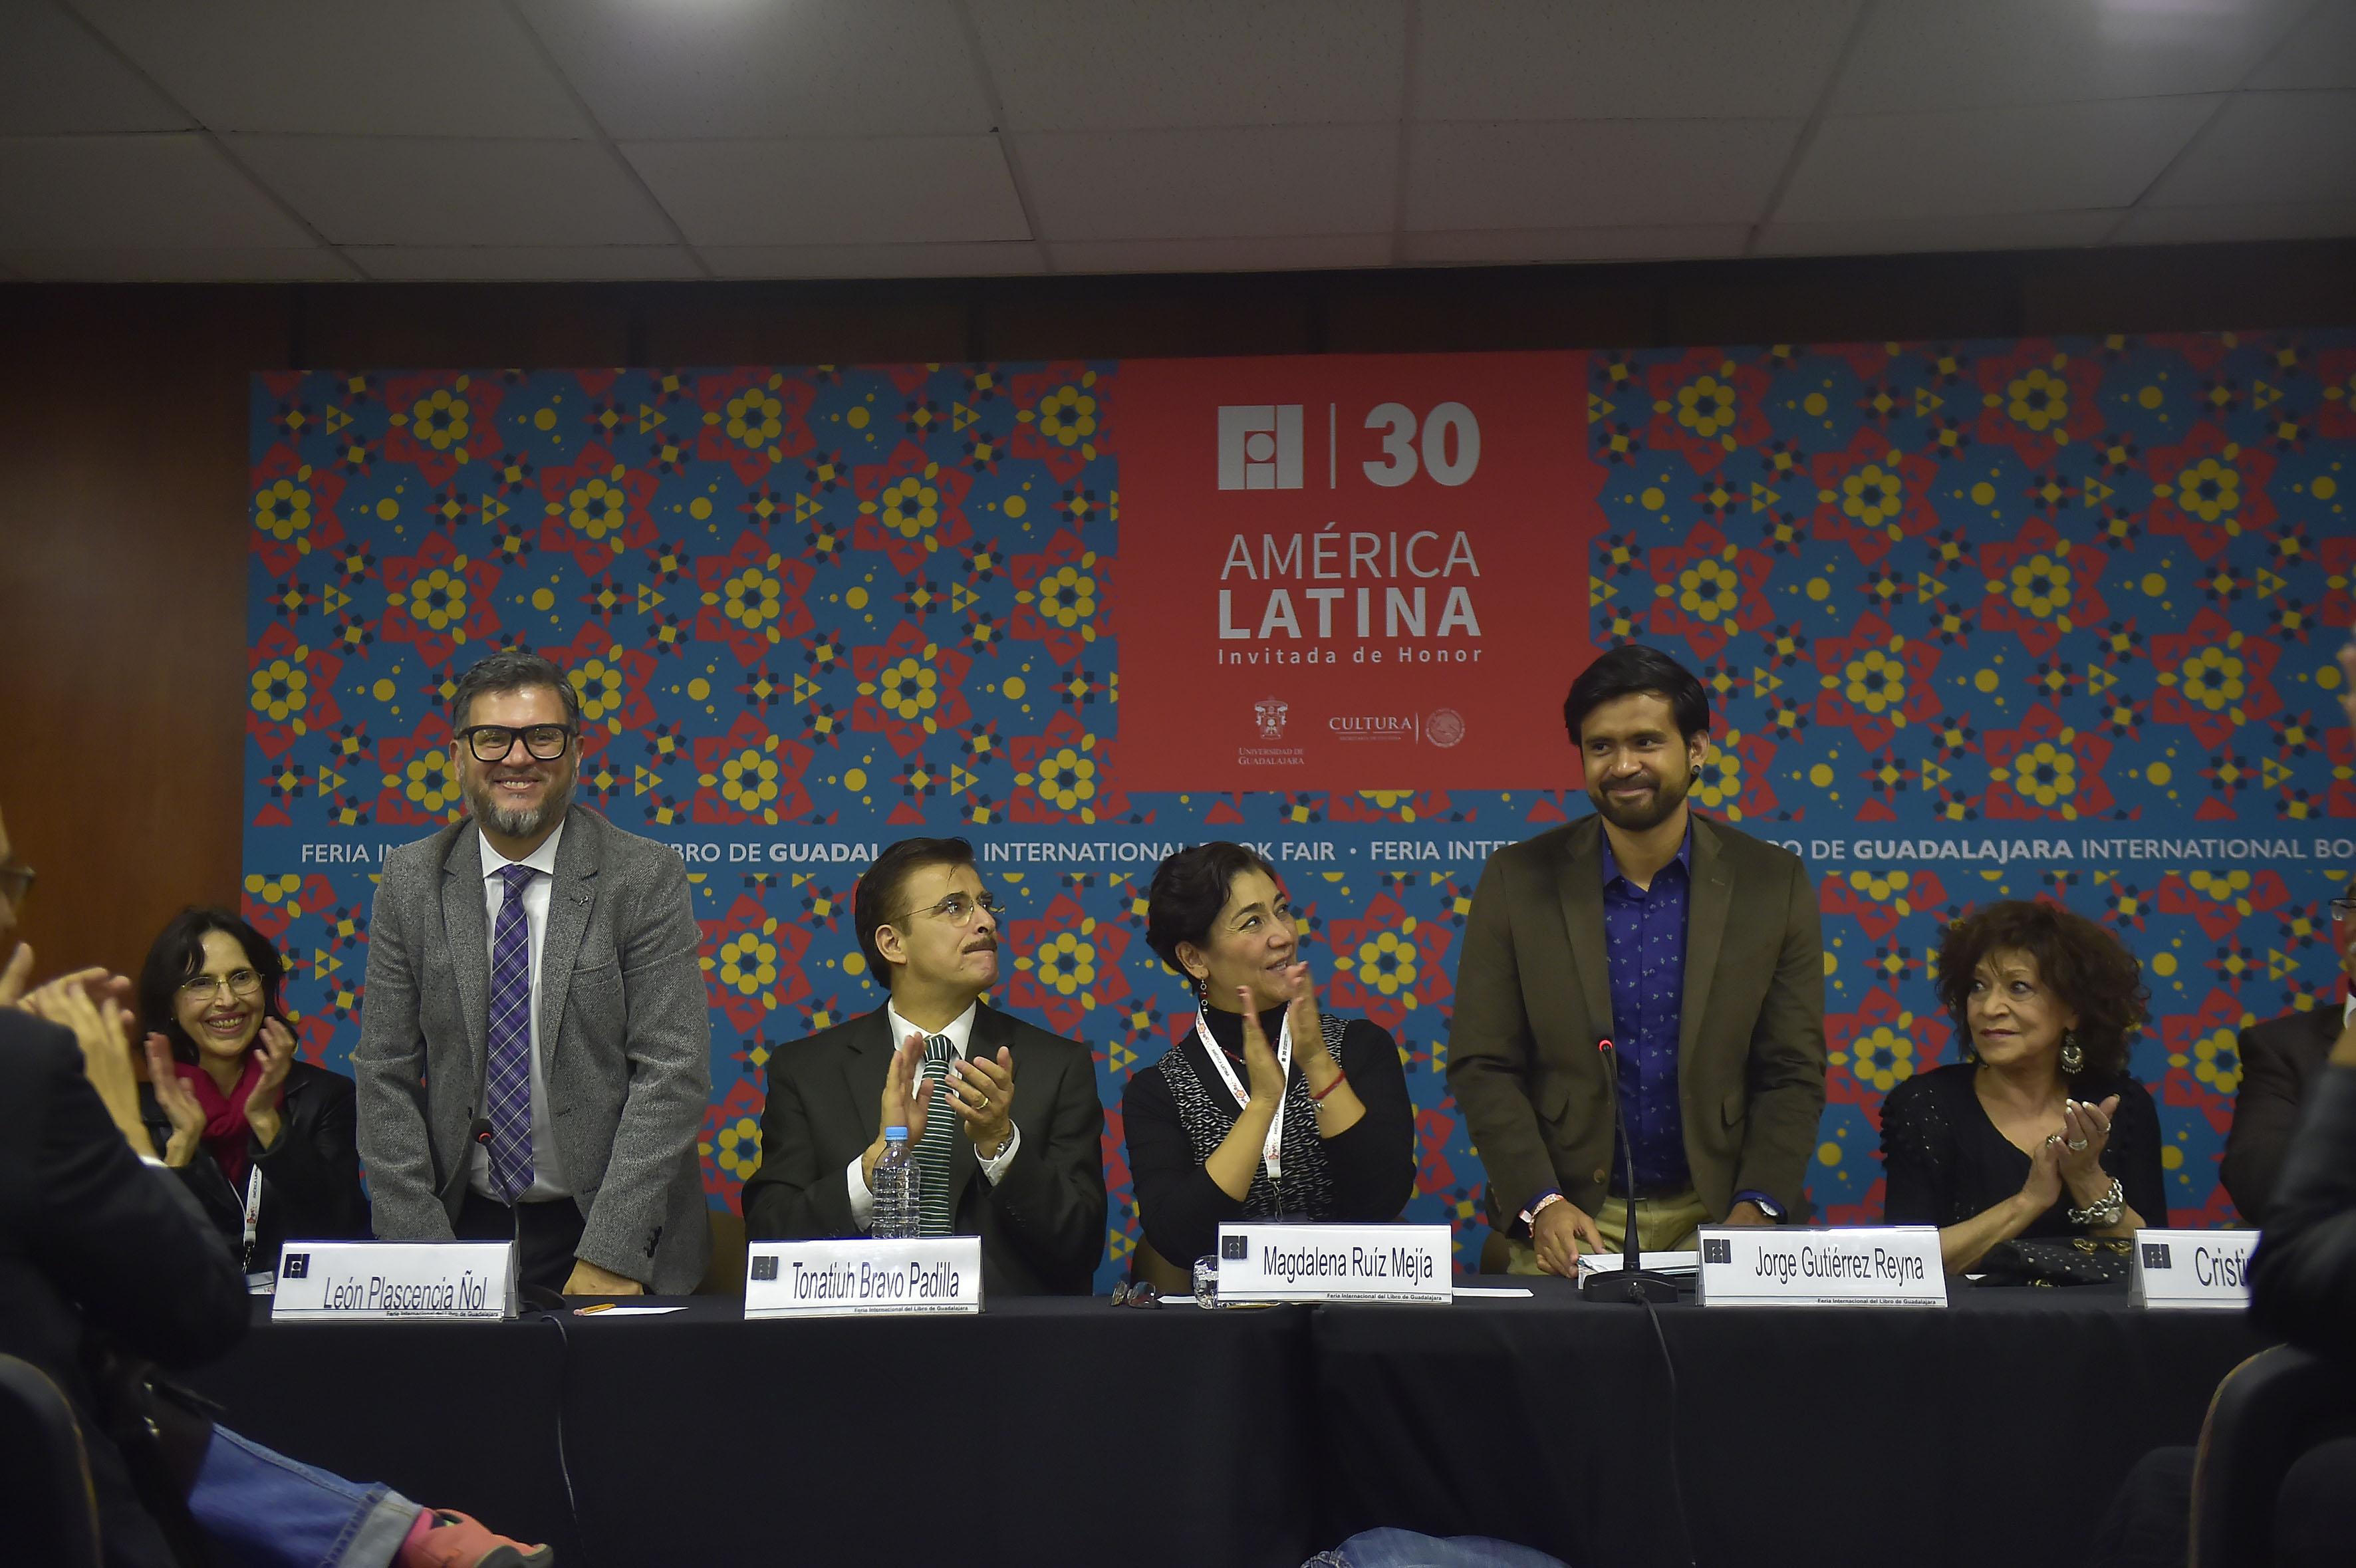 La segunda edición del galardón está dotada de diez mil dólares y dedicada al cuento. La premiación se llevará a cabo durante la edición 31 de la FIL Guadalajara